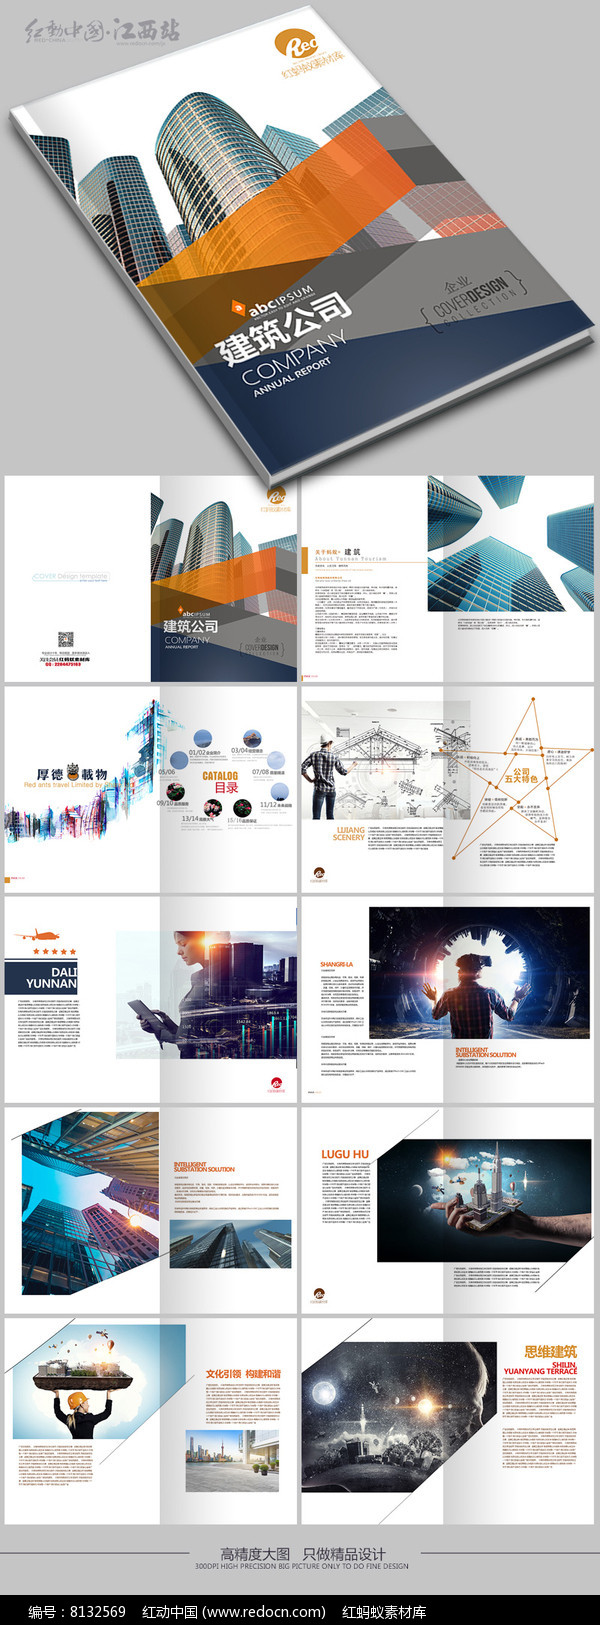 设计/书籍/菜谱 企业画册|宣传画册 简约大气建筑公司画册版式设计图片